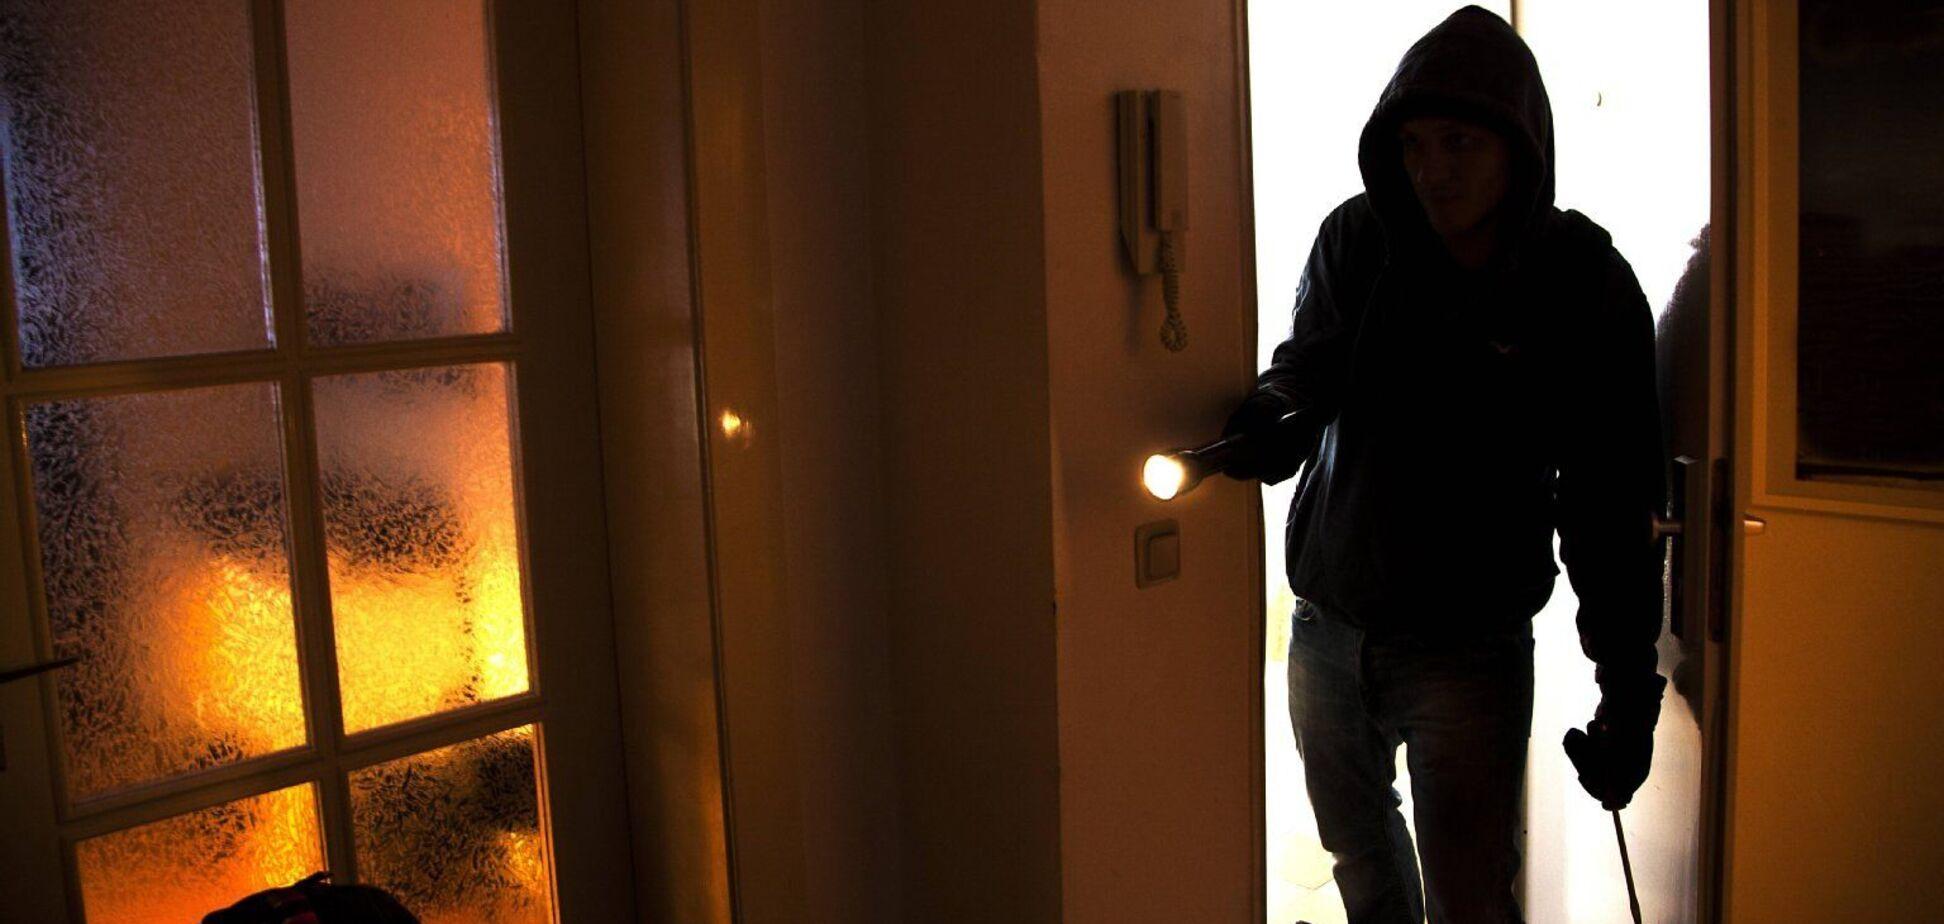 В Днепре задержали банду вооруженных домушников. Фото и подробности